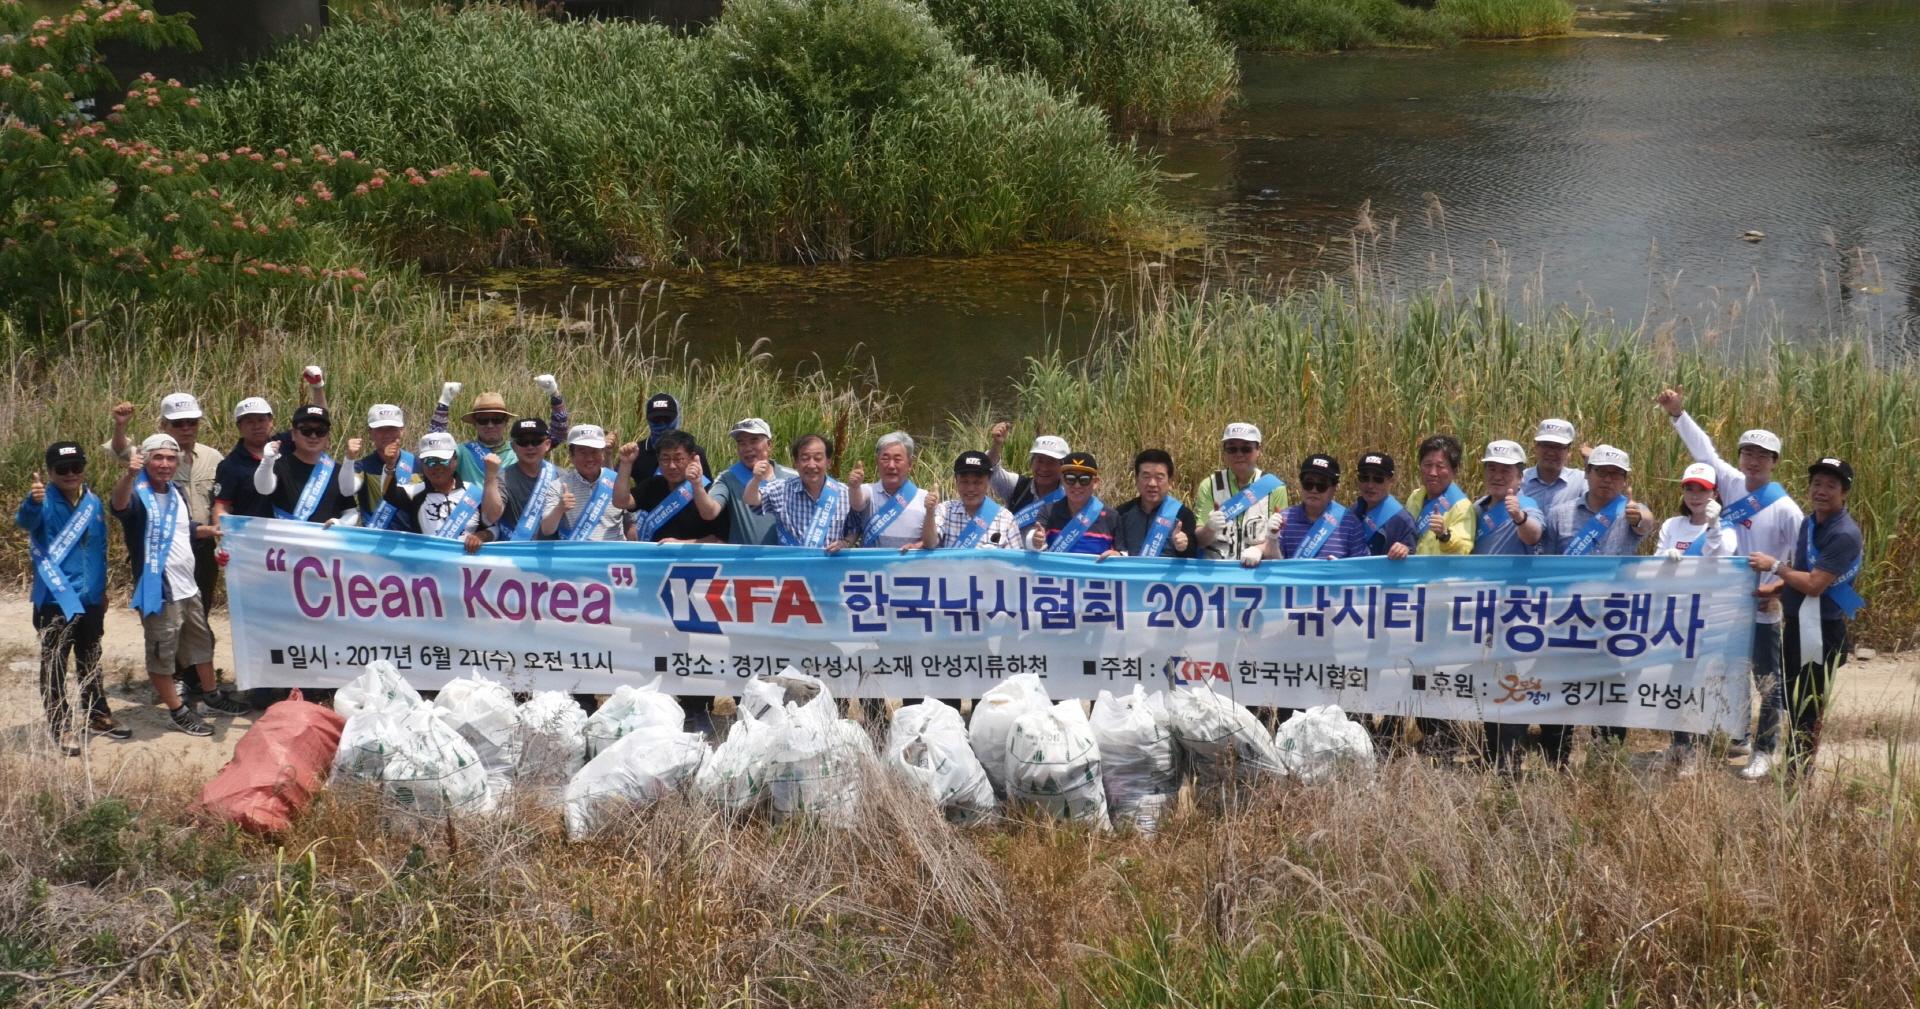 한국낚시협회, 안성 지류하천서 'Clean Korea 2017 낚시터 대청소 행사' 가져